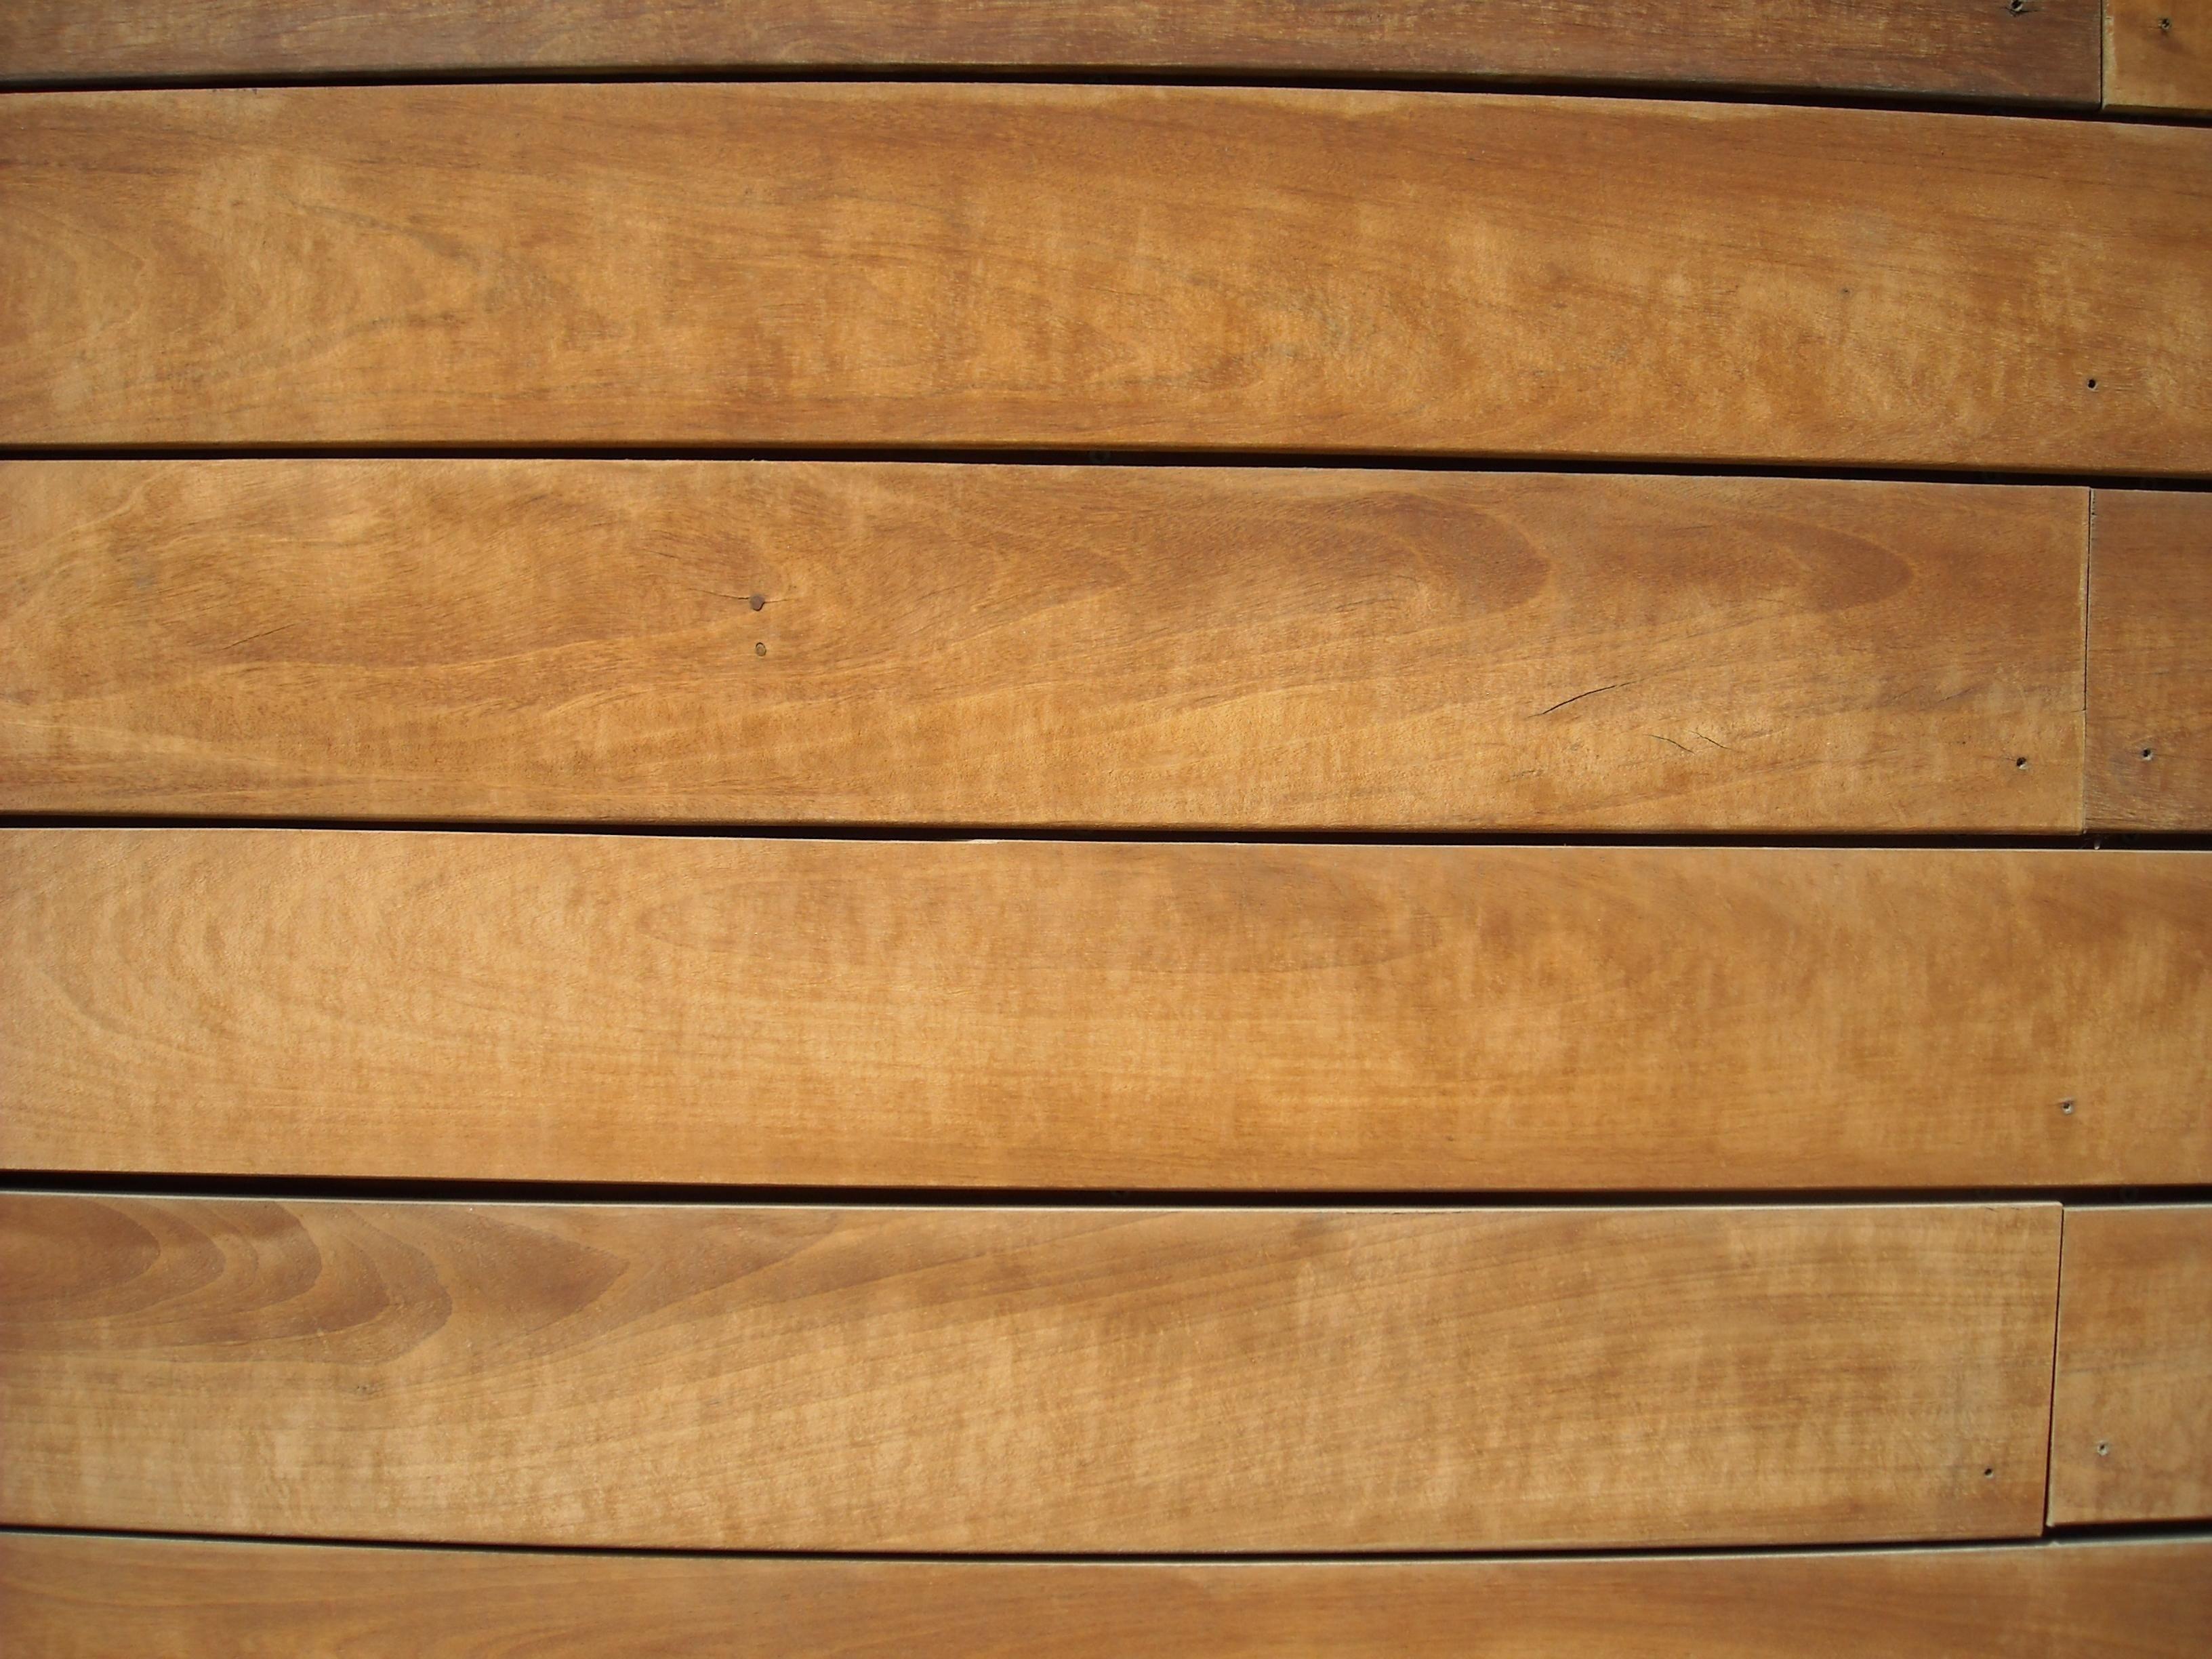 Wunderbar Holz Textur Stock Muster Natürlich Regal Möbel Holz Brust Schublade Entwurf  Hartholz Bretter Bretter Hölzern Tafel